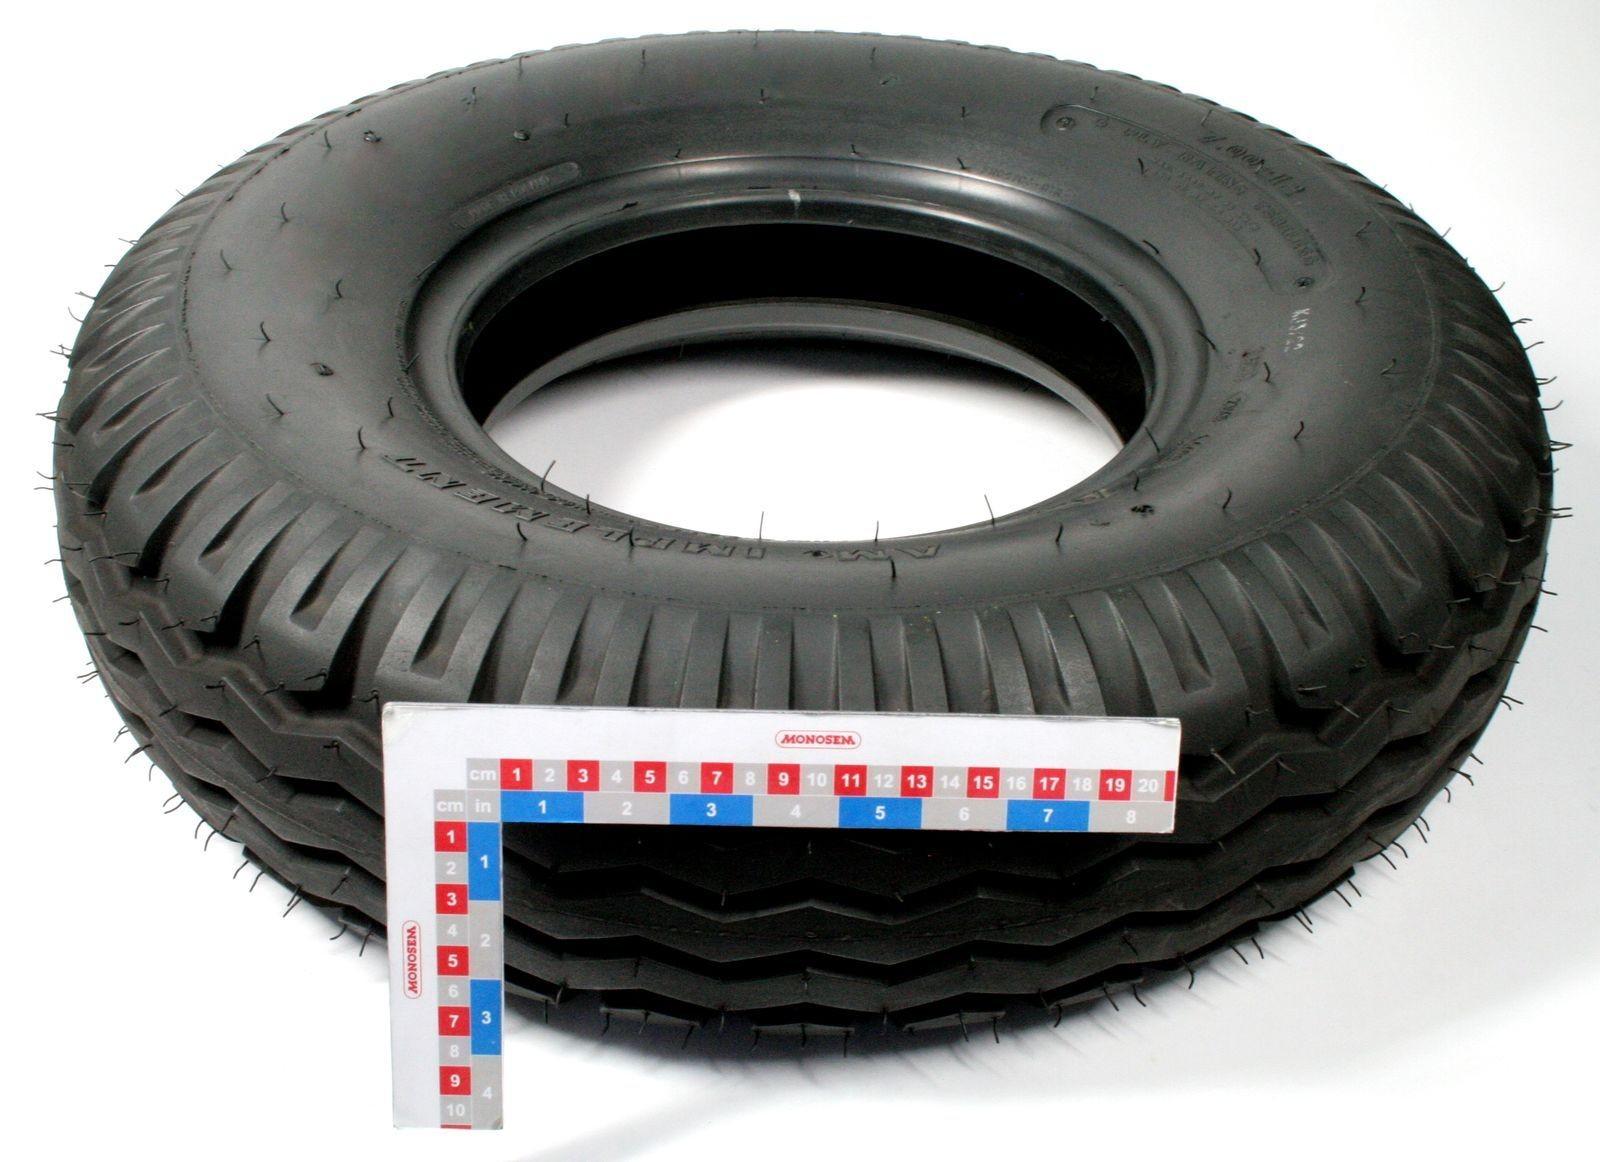 10211031 pneu de roue 700 x 12 am 6pr voir plan 10210009 for Diametre exterieur pneu